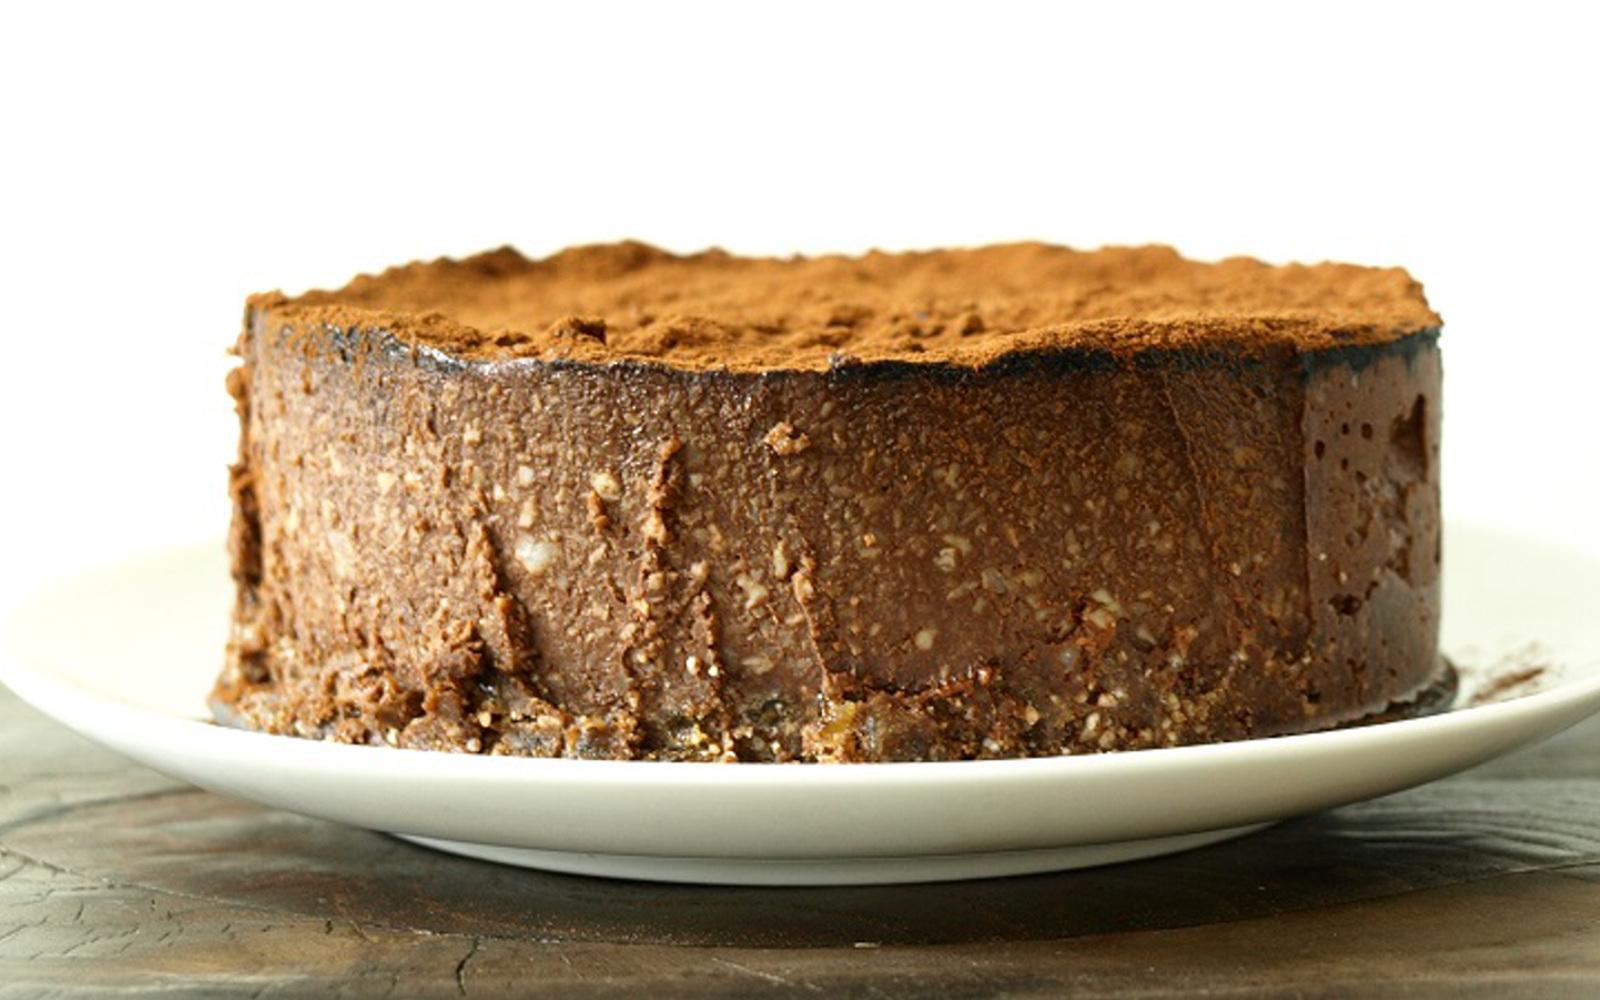 Raw Chocolate Macadamia Nut Cake